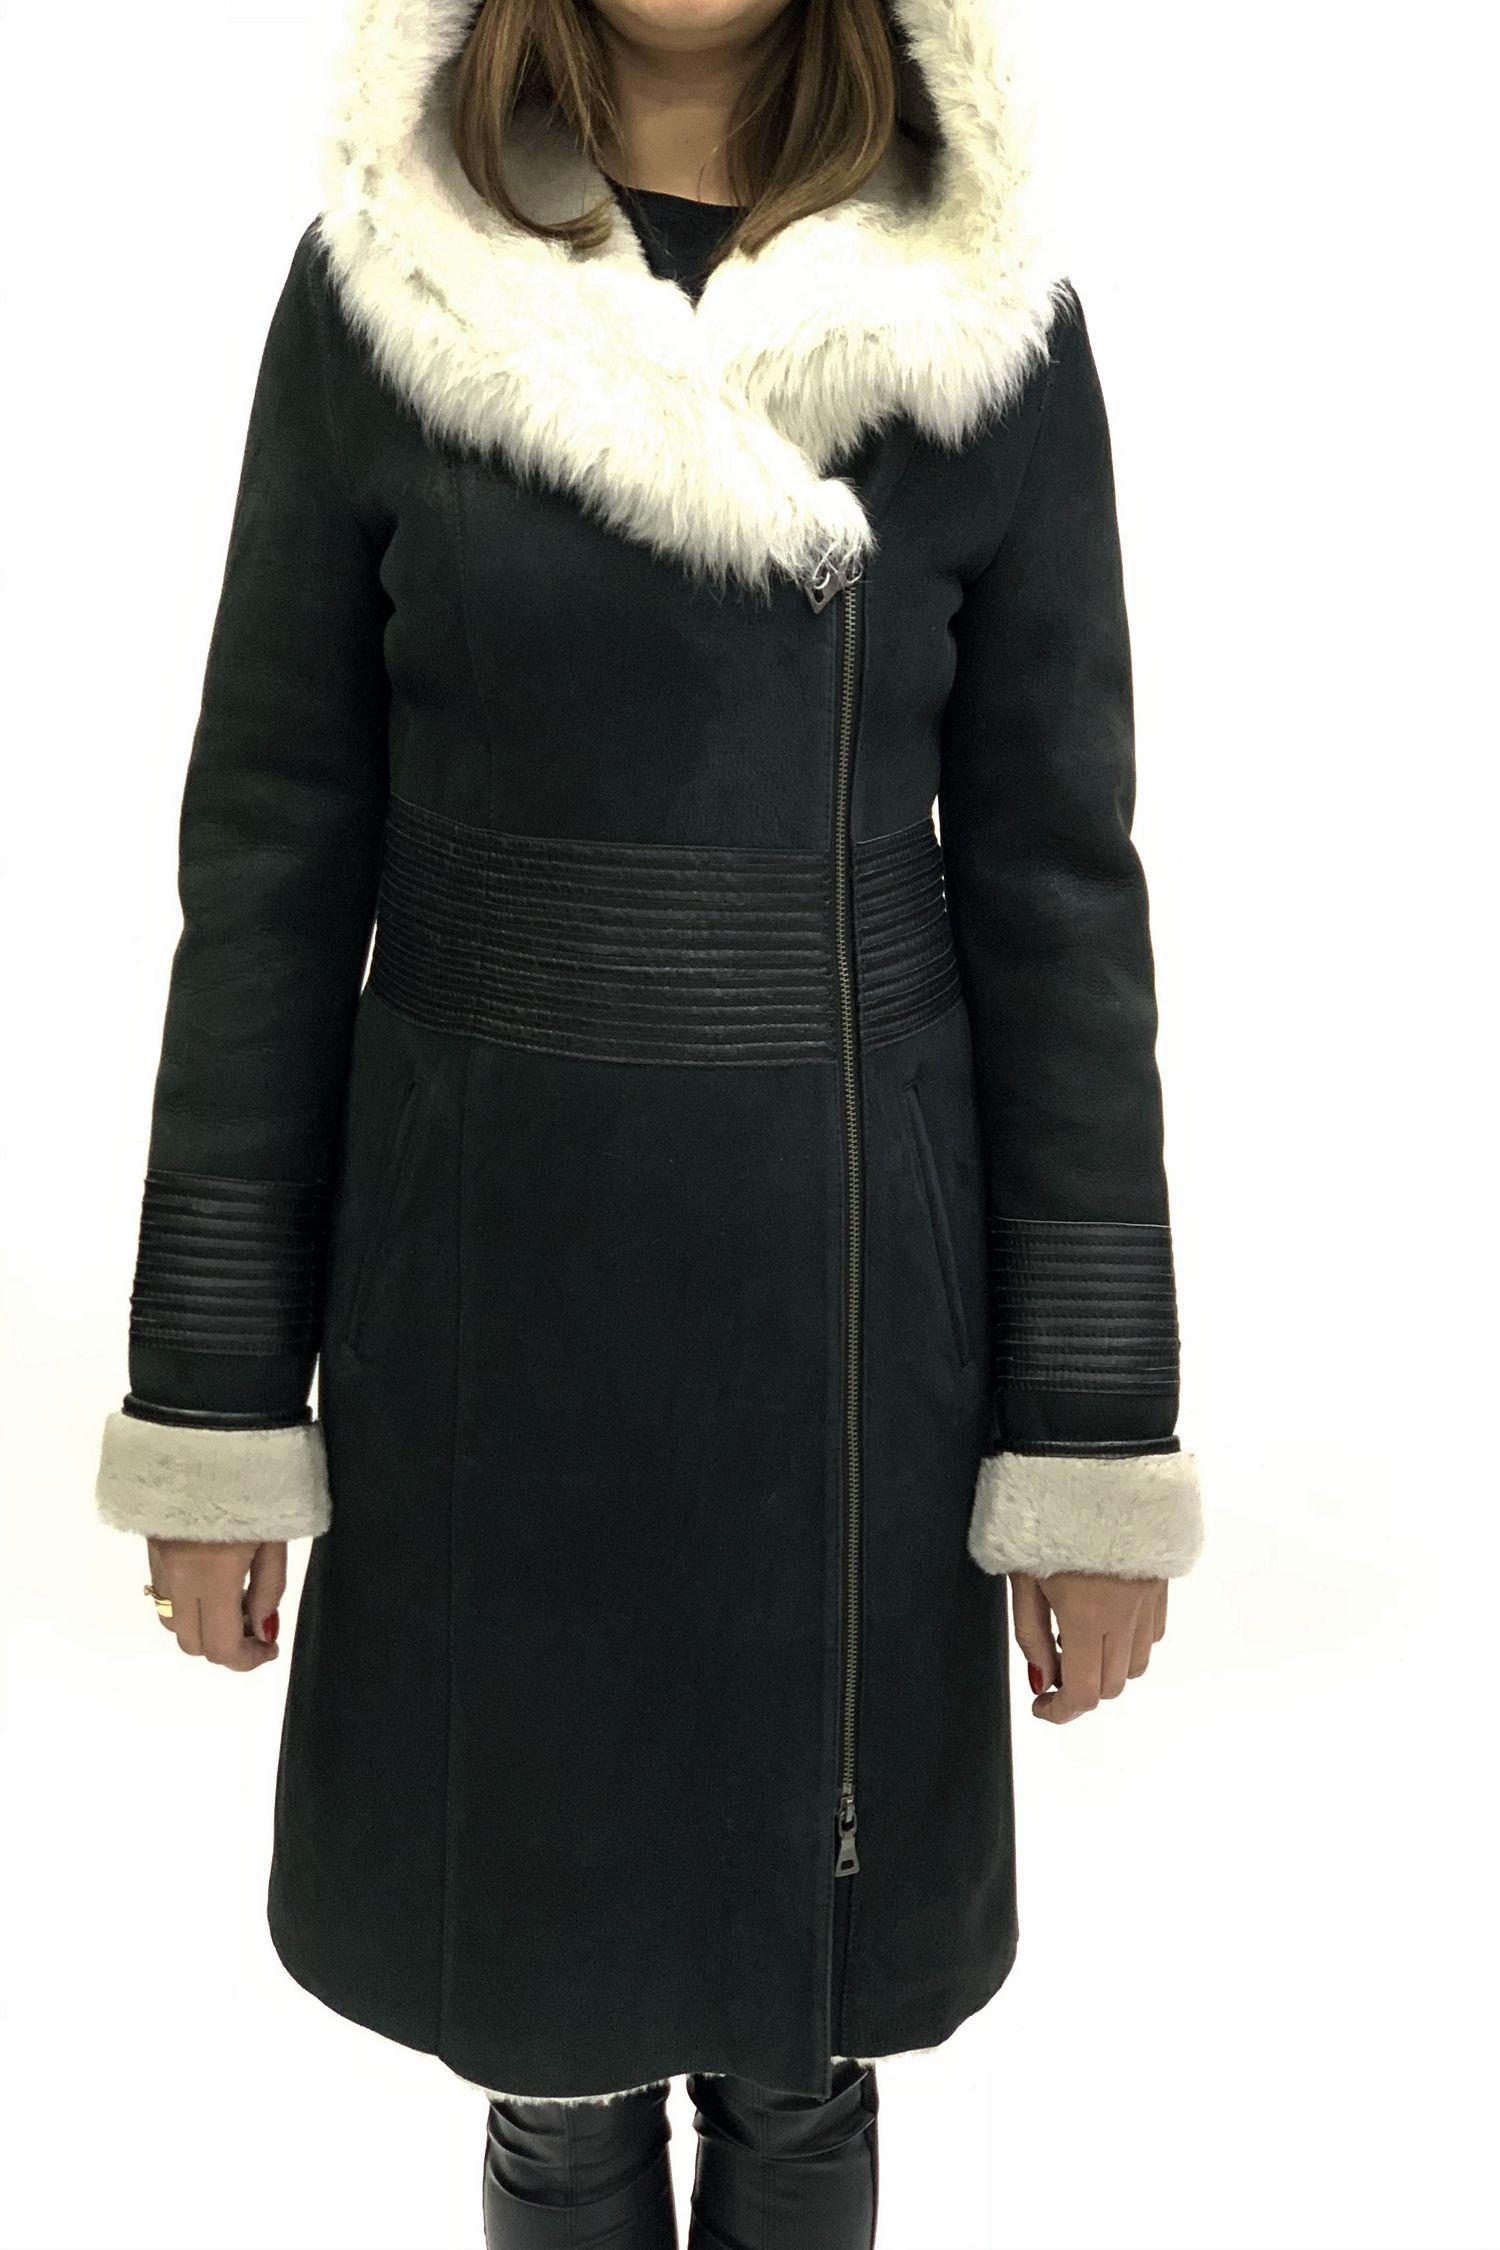 Дубленка женская из натуральной овчины с капюшоном, отделка тоскана